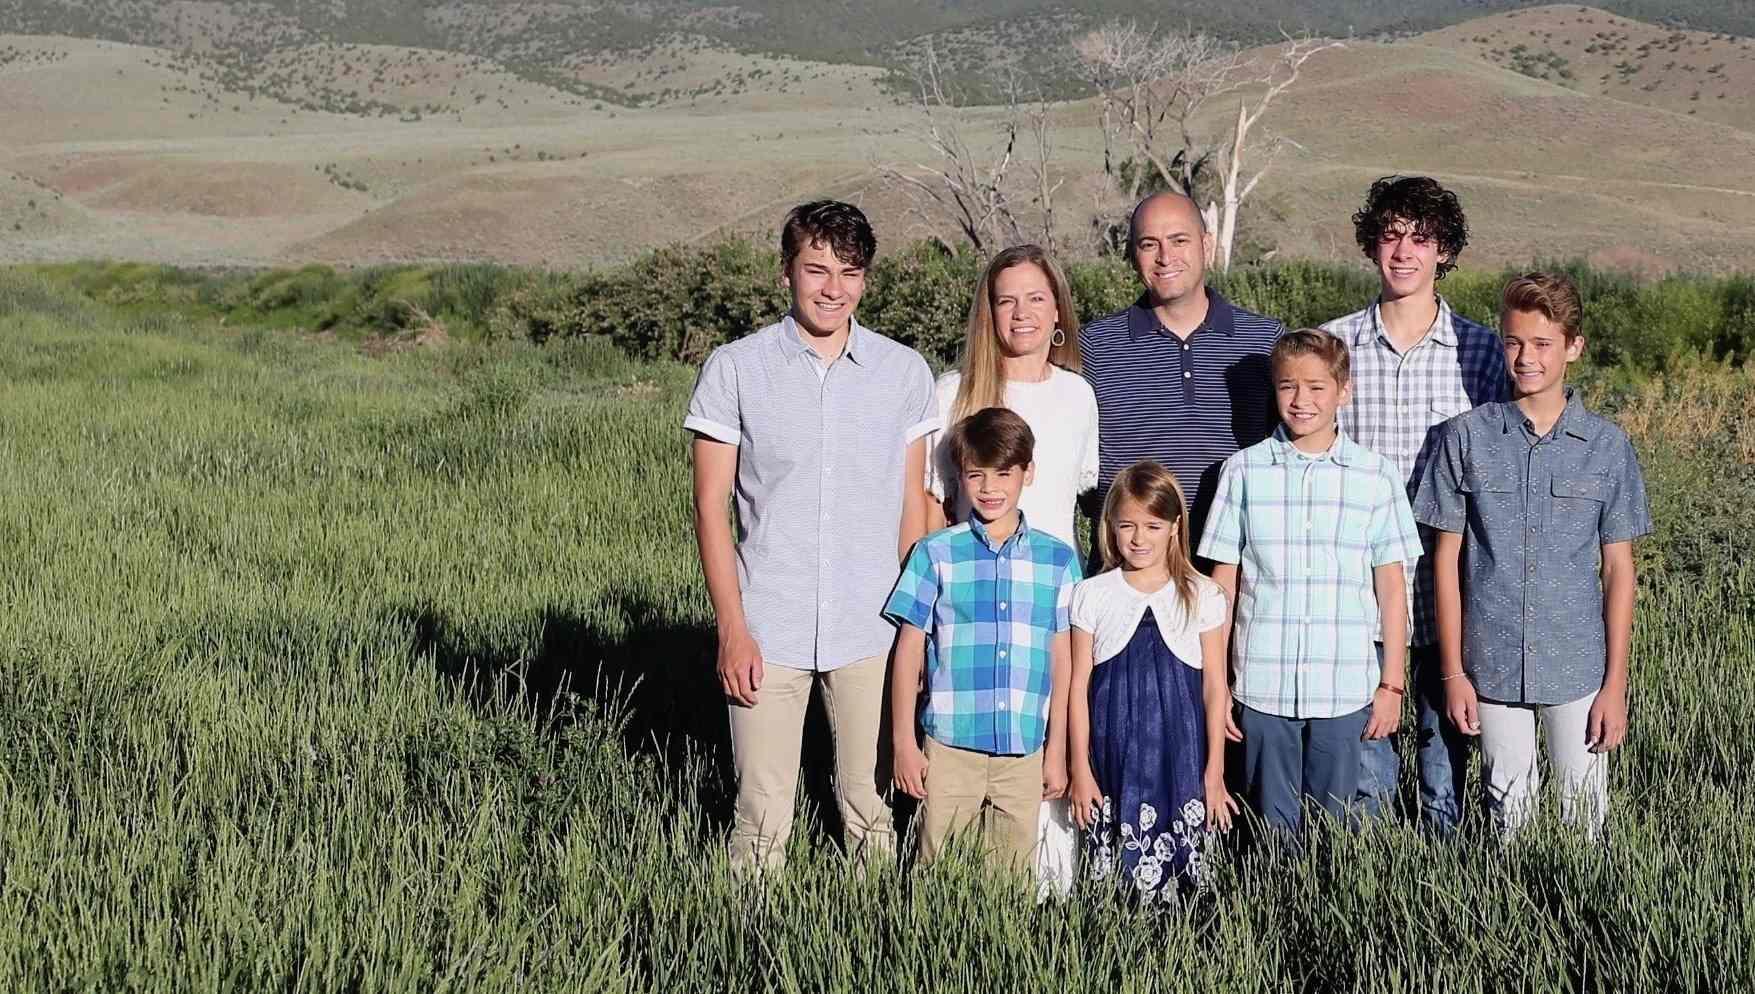 Hemmertfamily